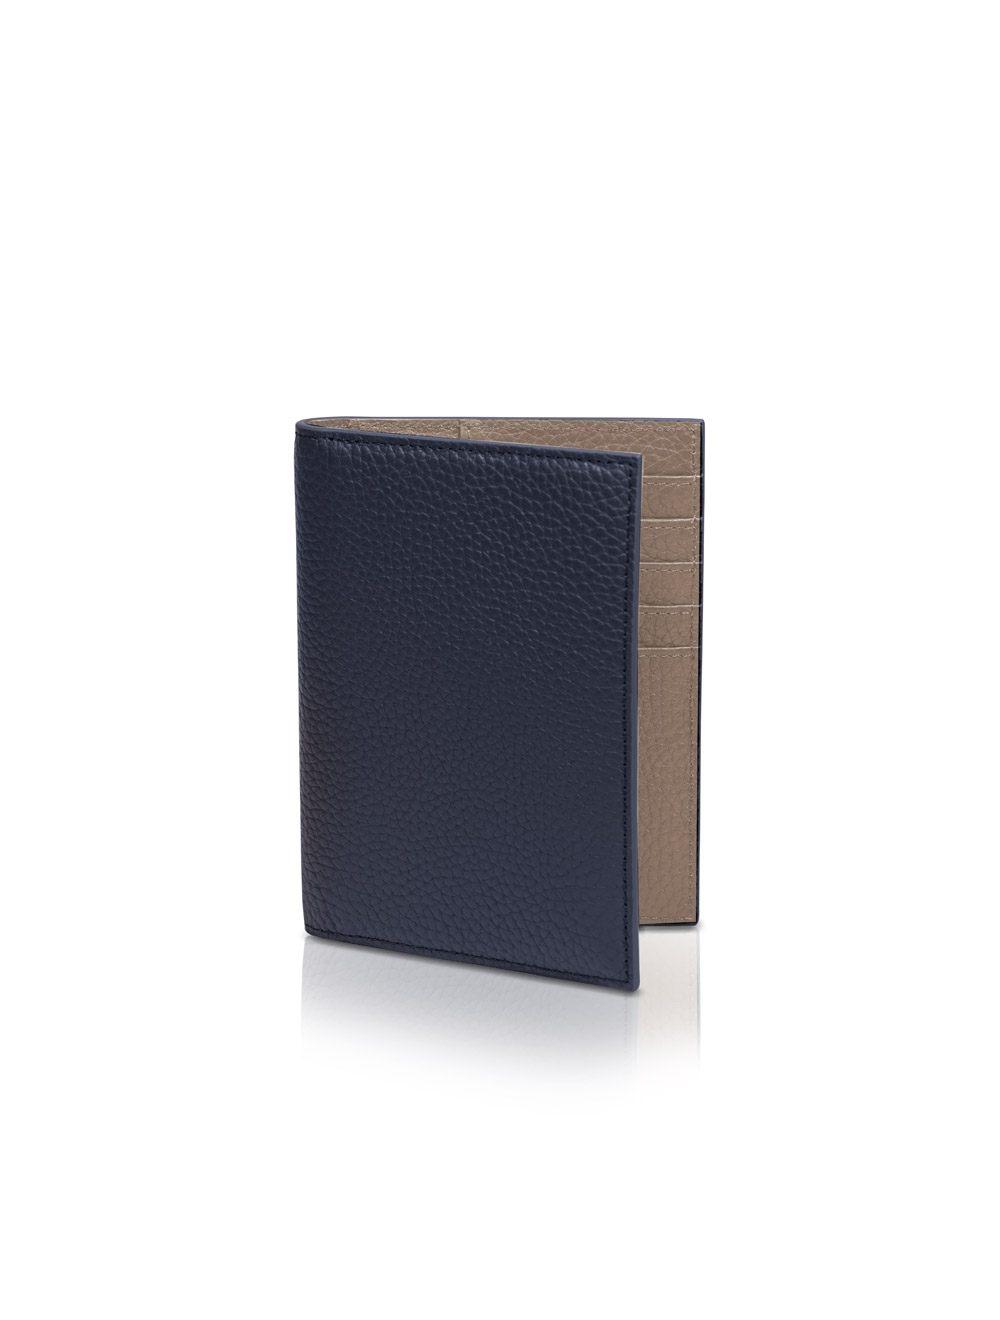 Passport Holder Gunther - Ocean Blue